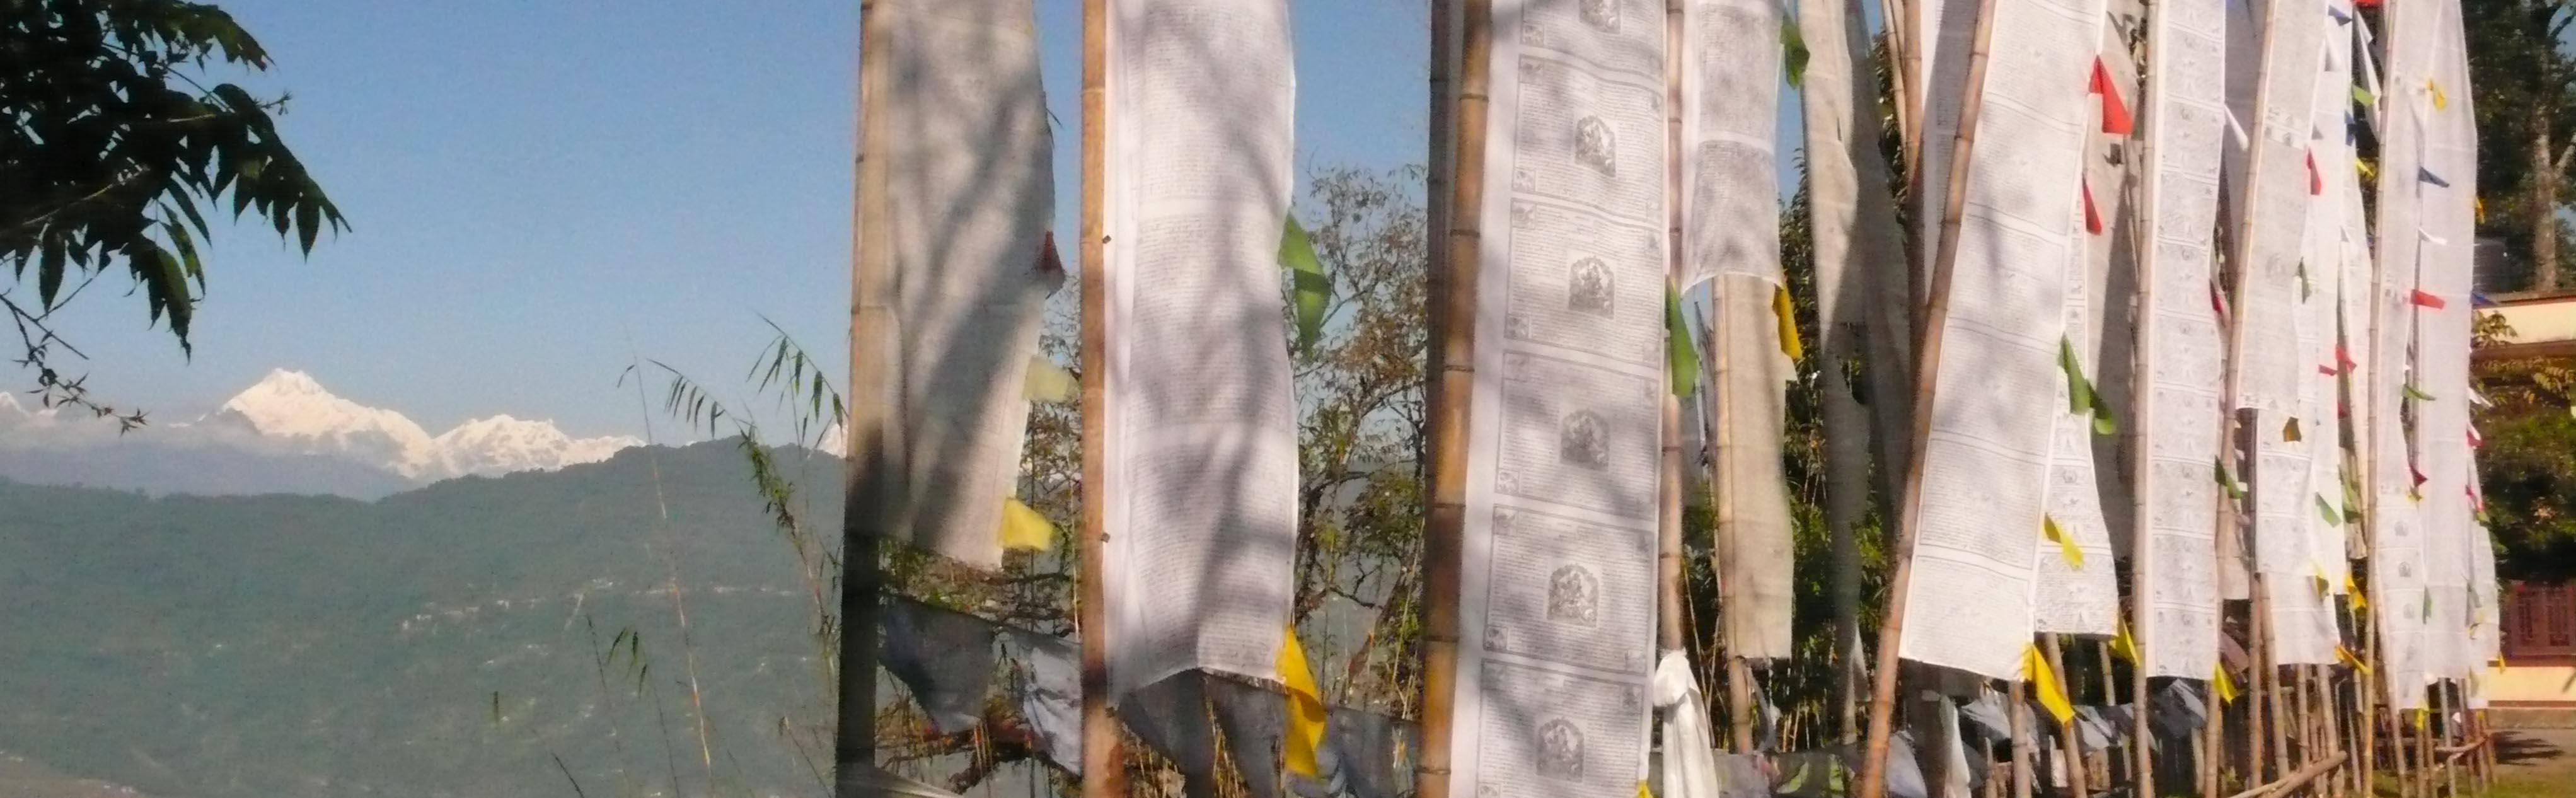 Viagem Experiências e Objetivo em Darjeeling e Sikkim